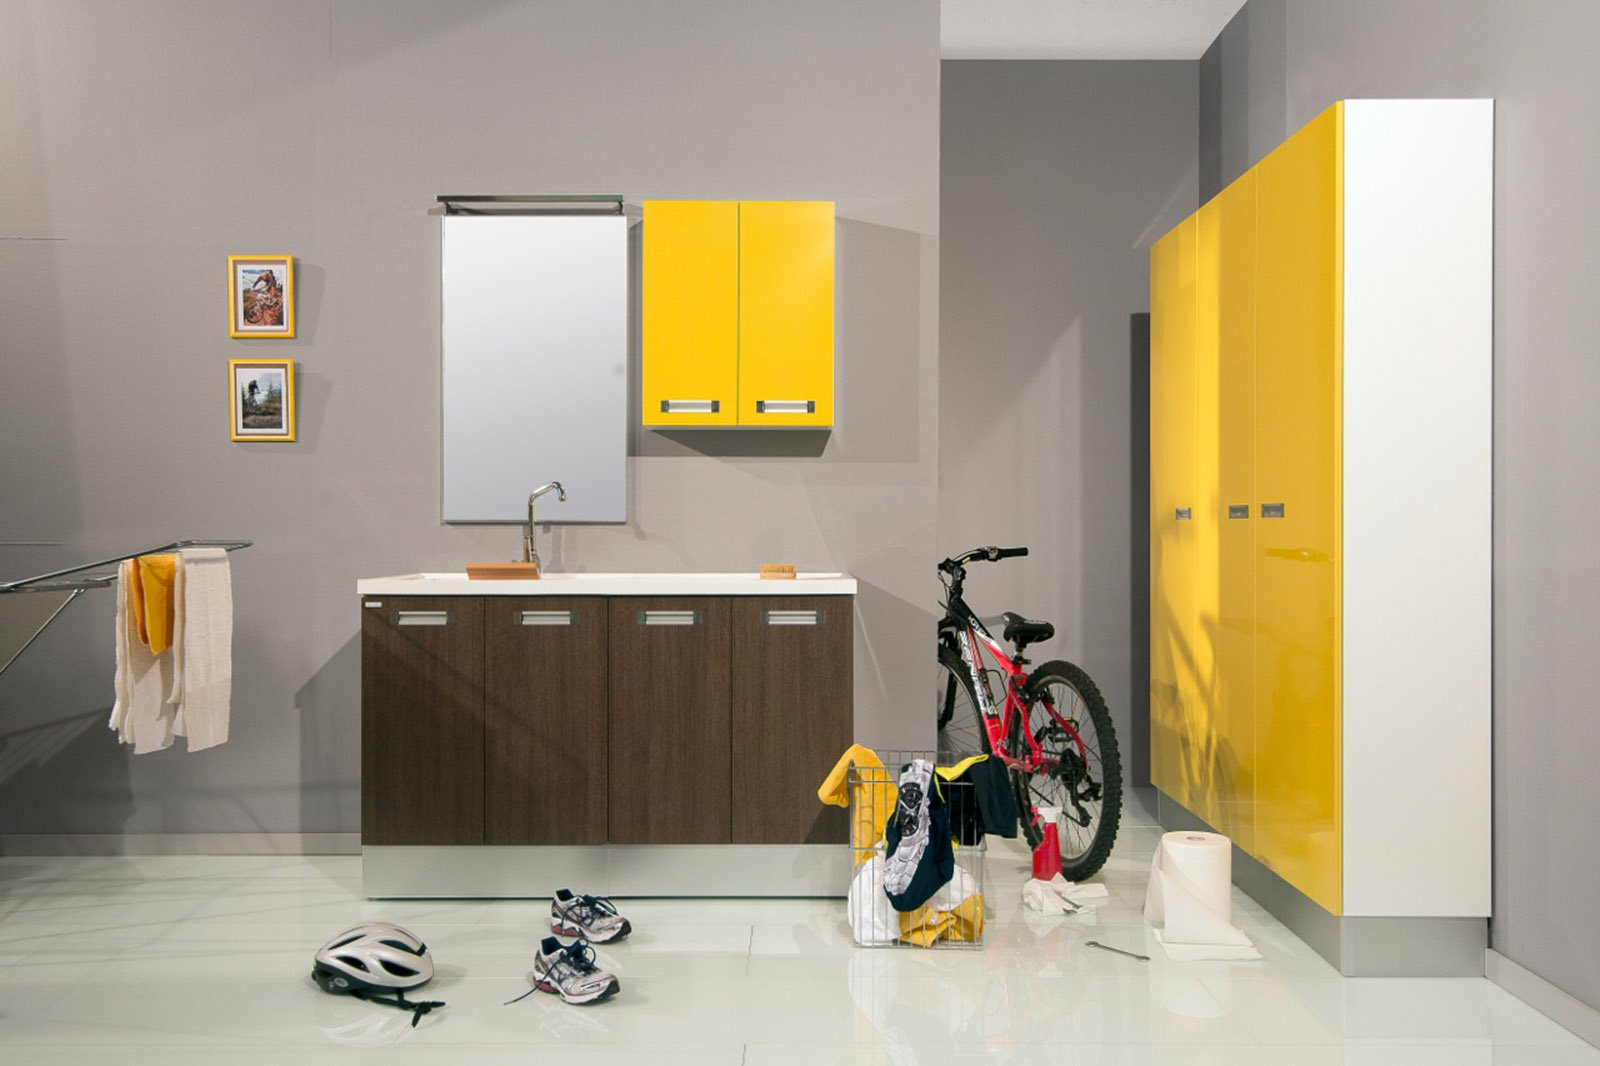 La lavanderia: uno spazio per \